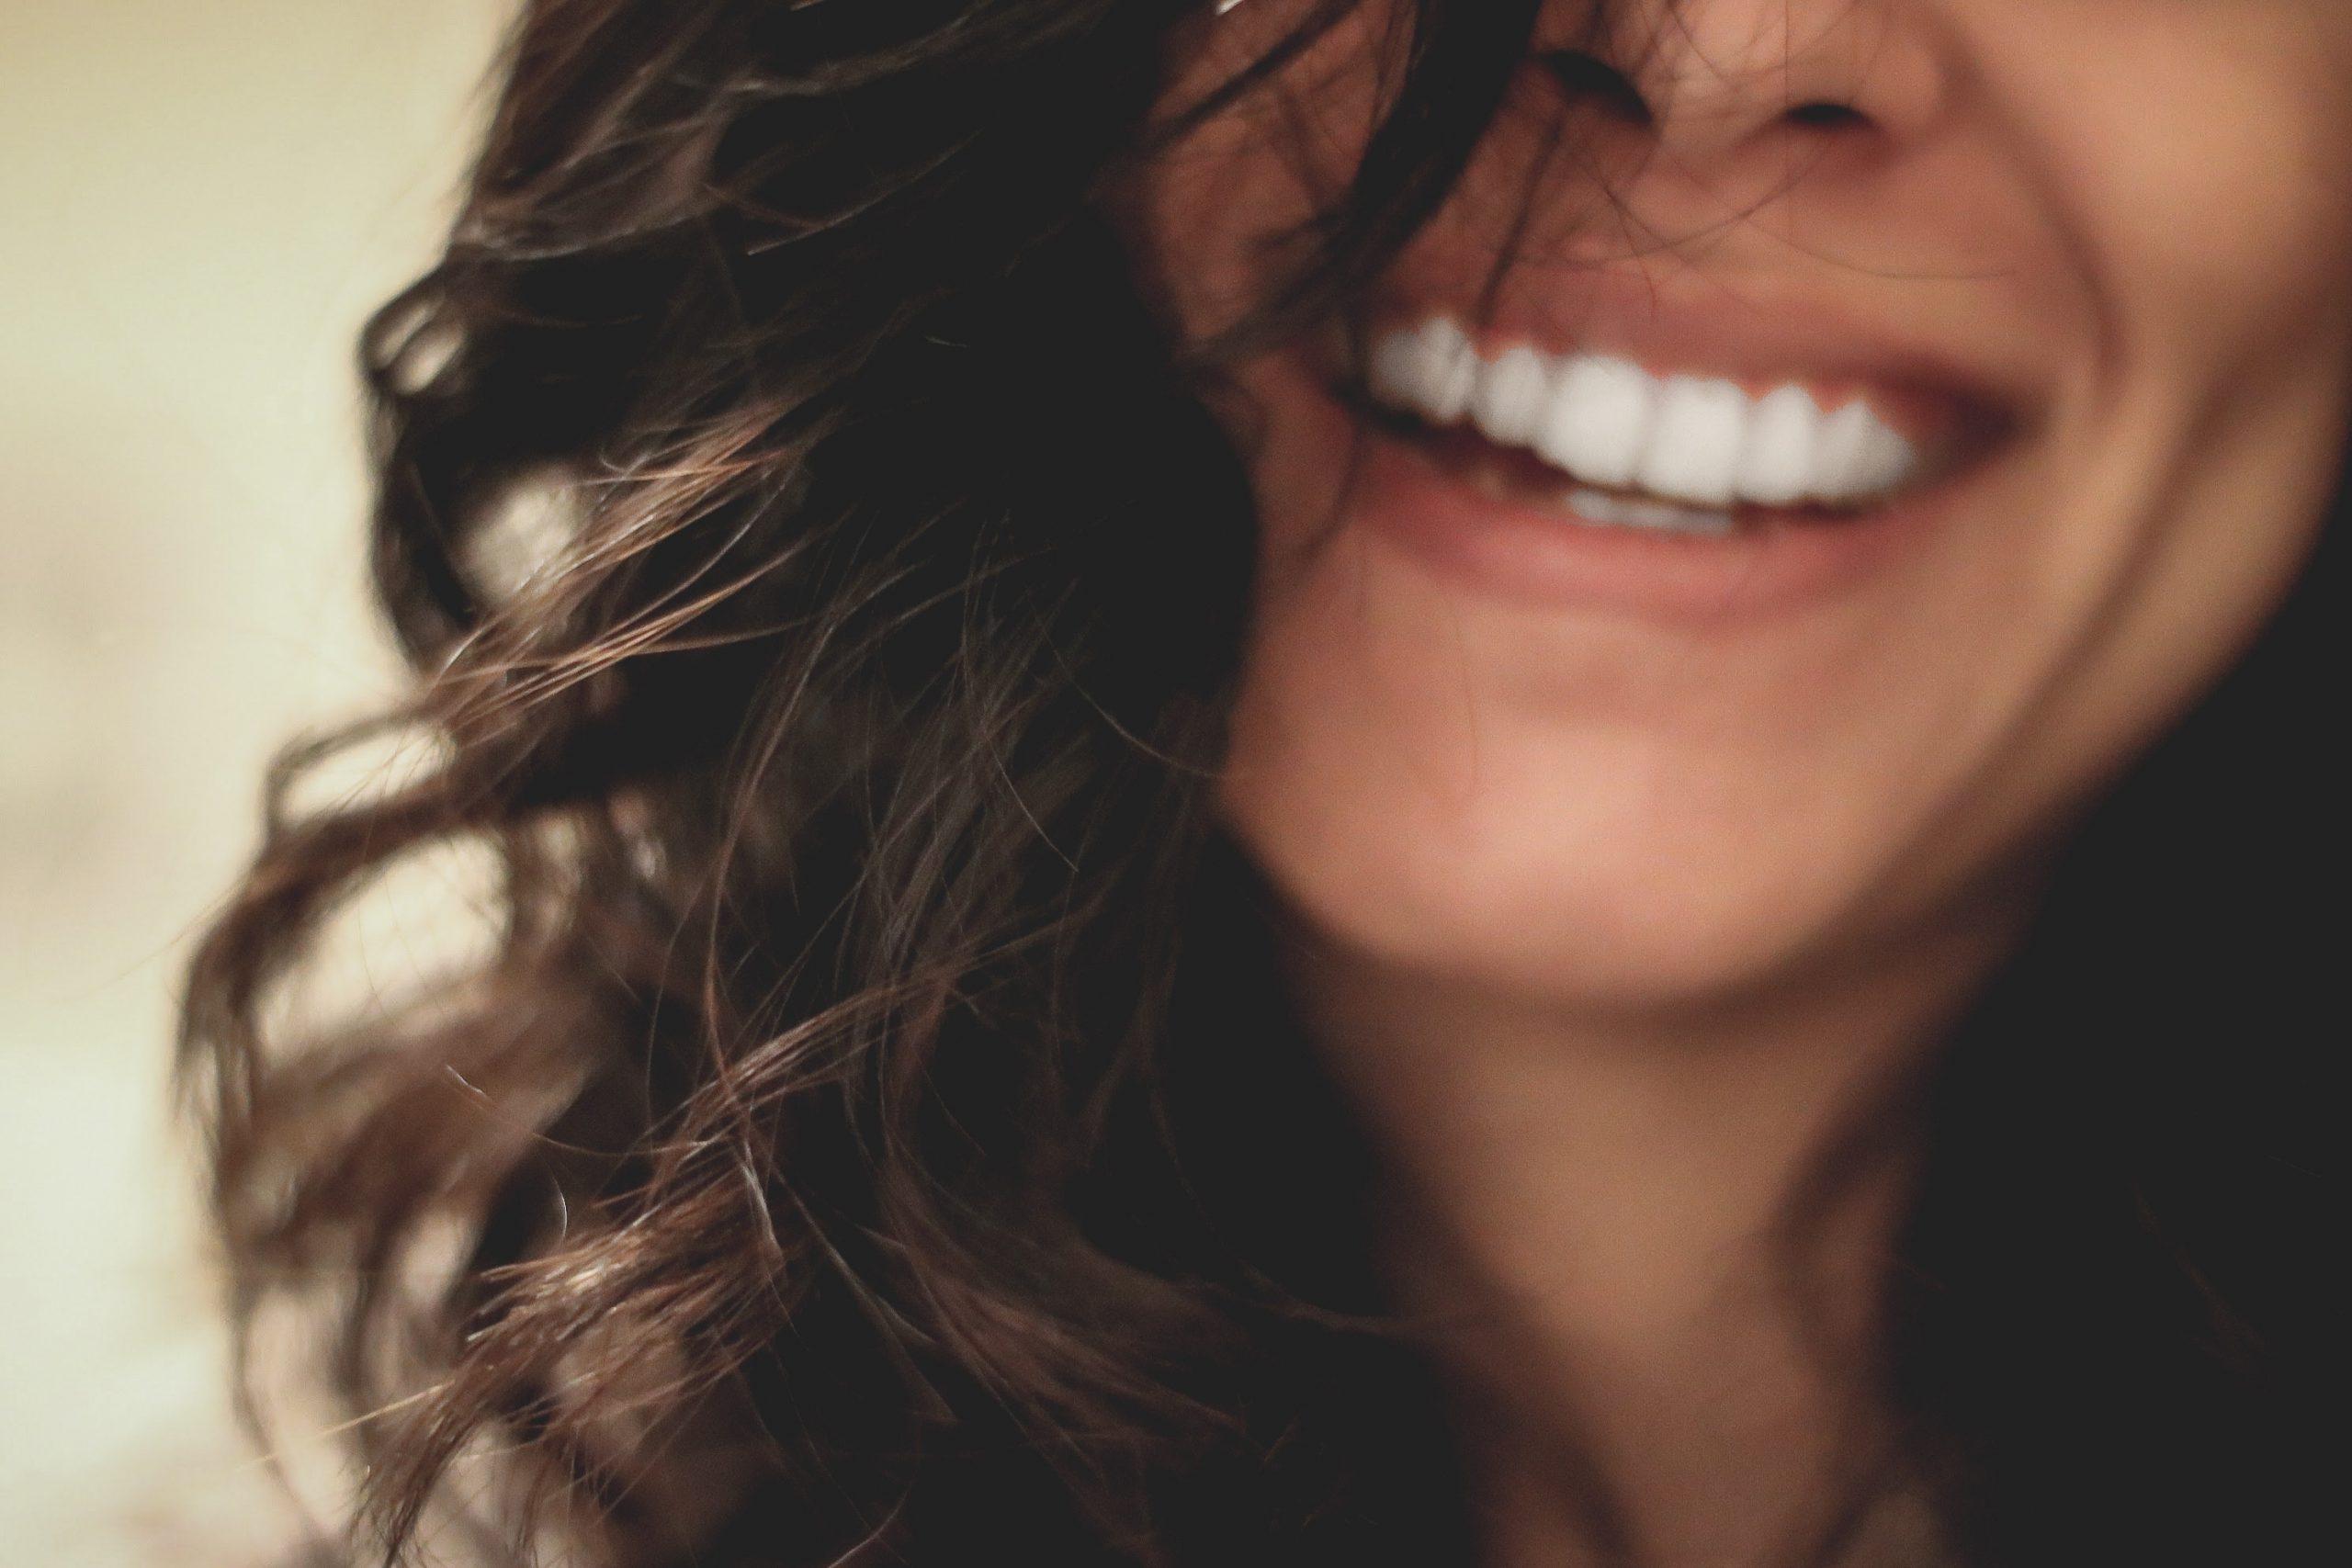 Tannbleking gir selvtilliten et boost